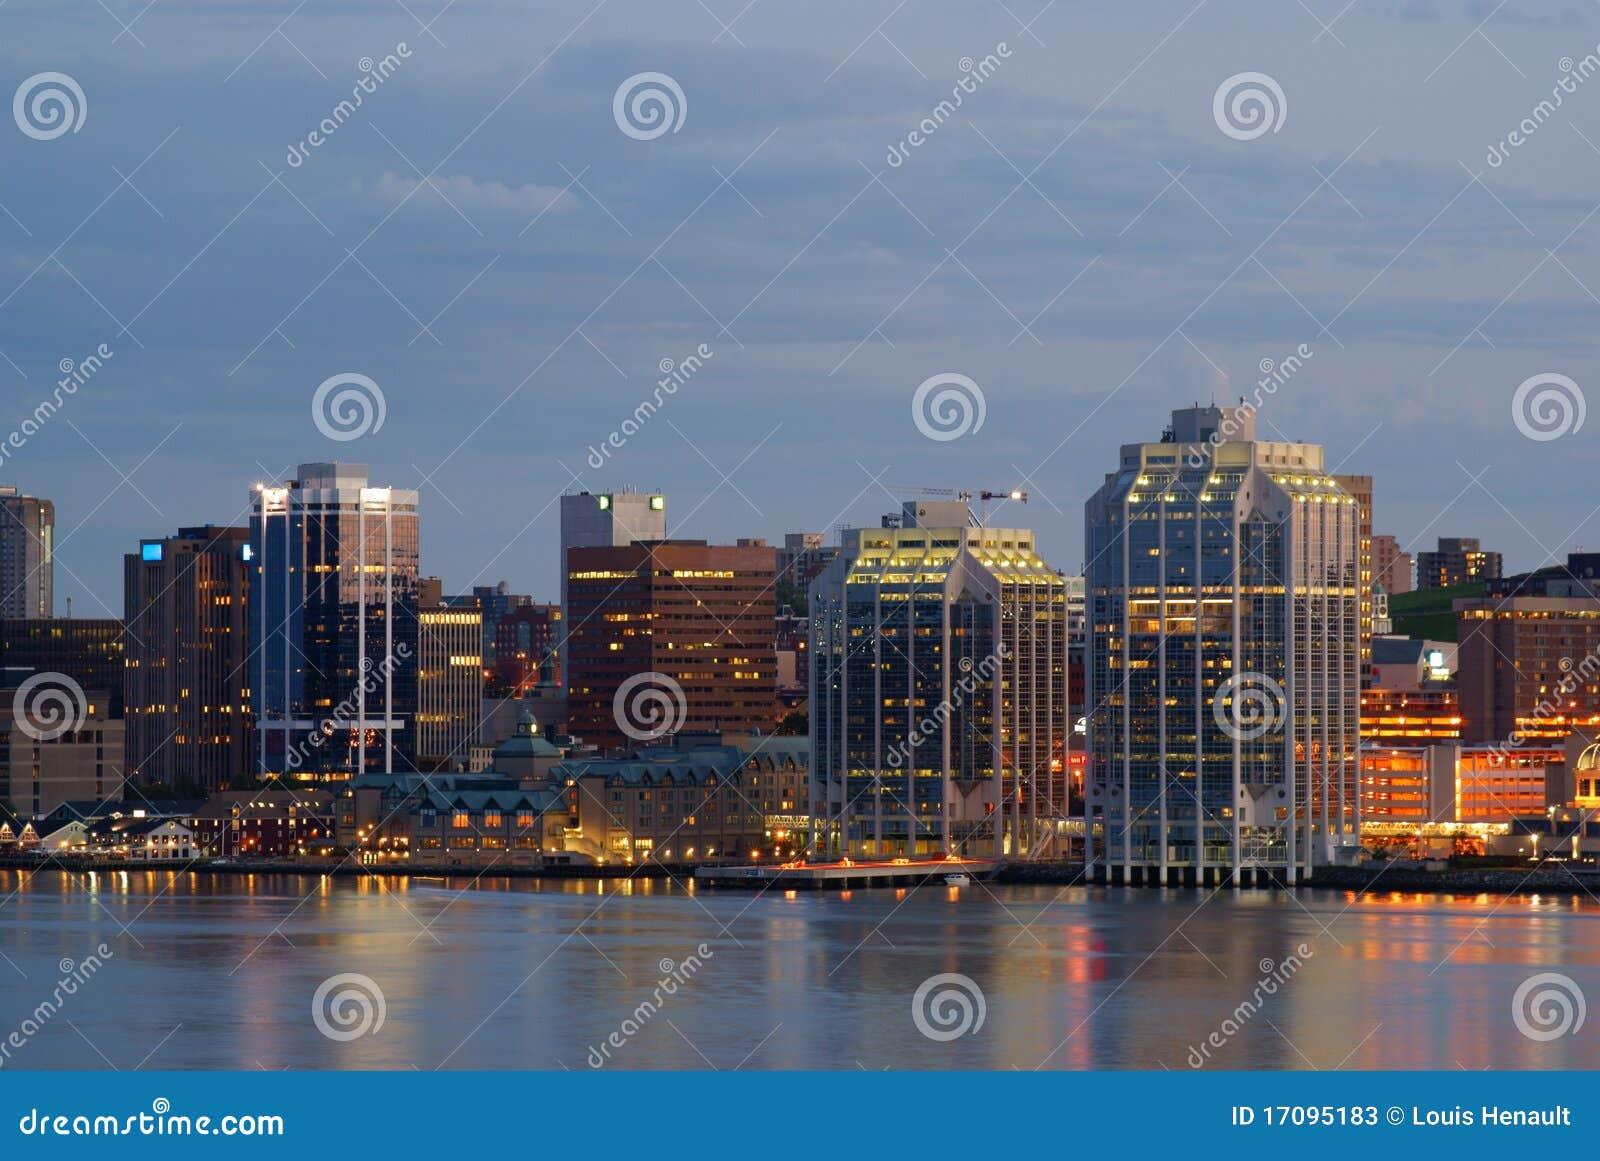 Halifax schronienia noc